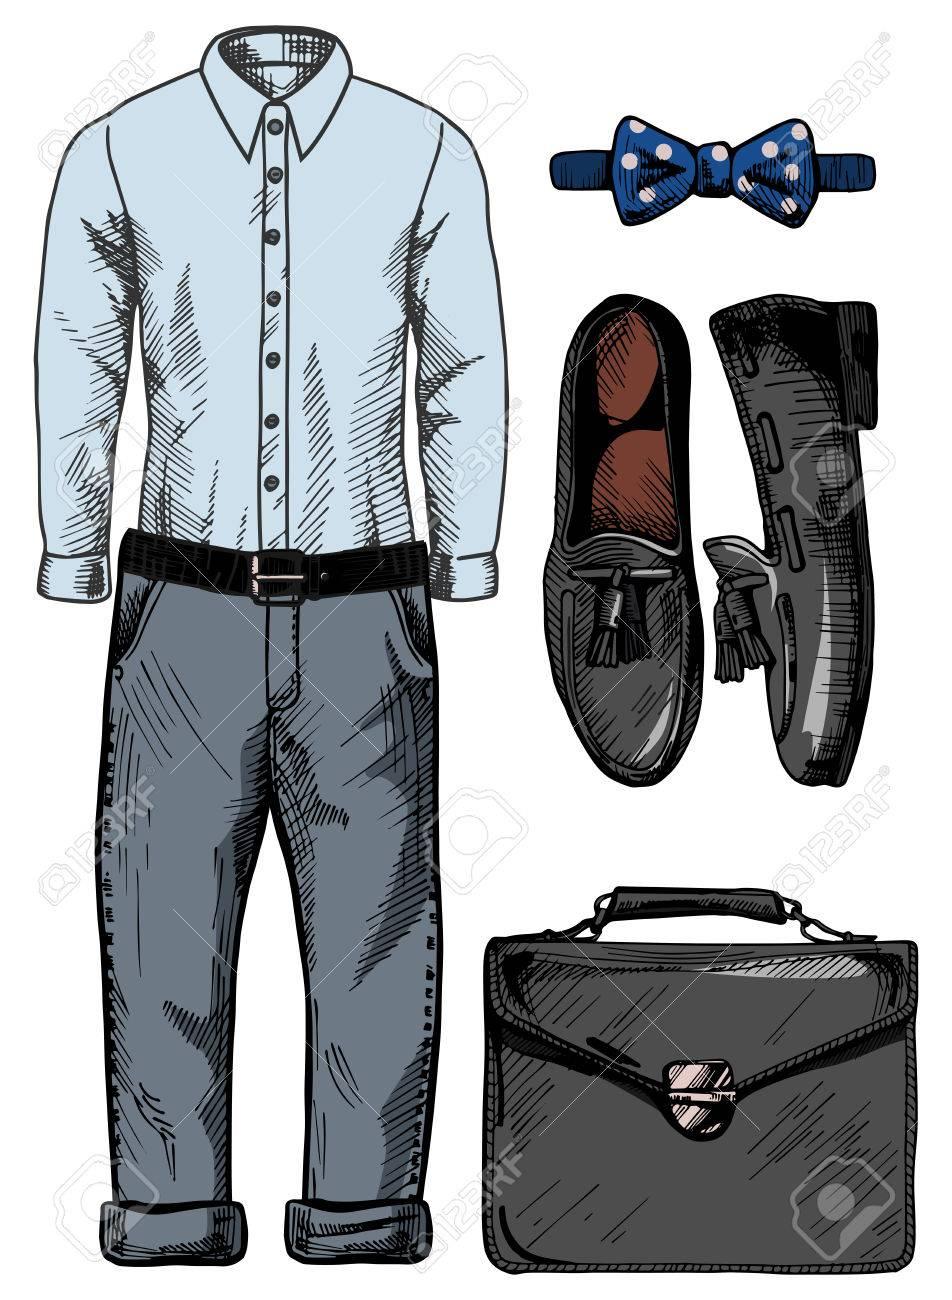 04d0a7a81d Foto de archivo - Vector ilustración de un sistema de la ropa de moda  masculina  camisa azul